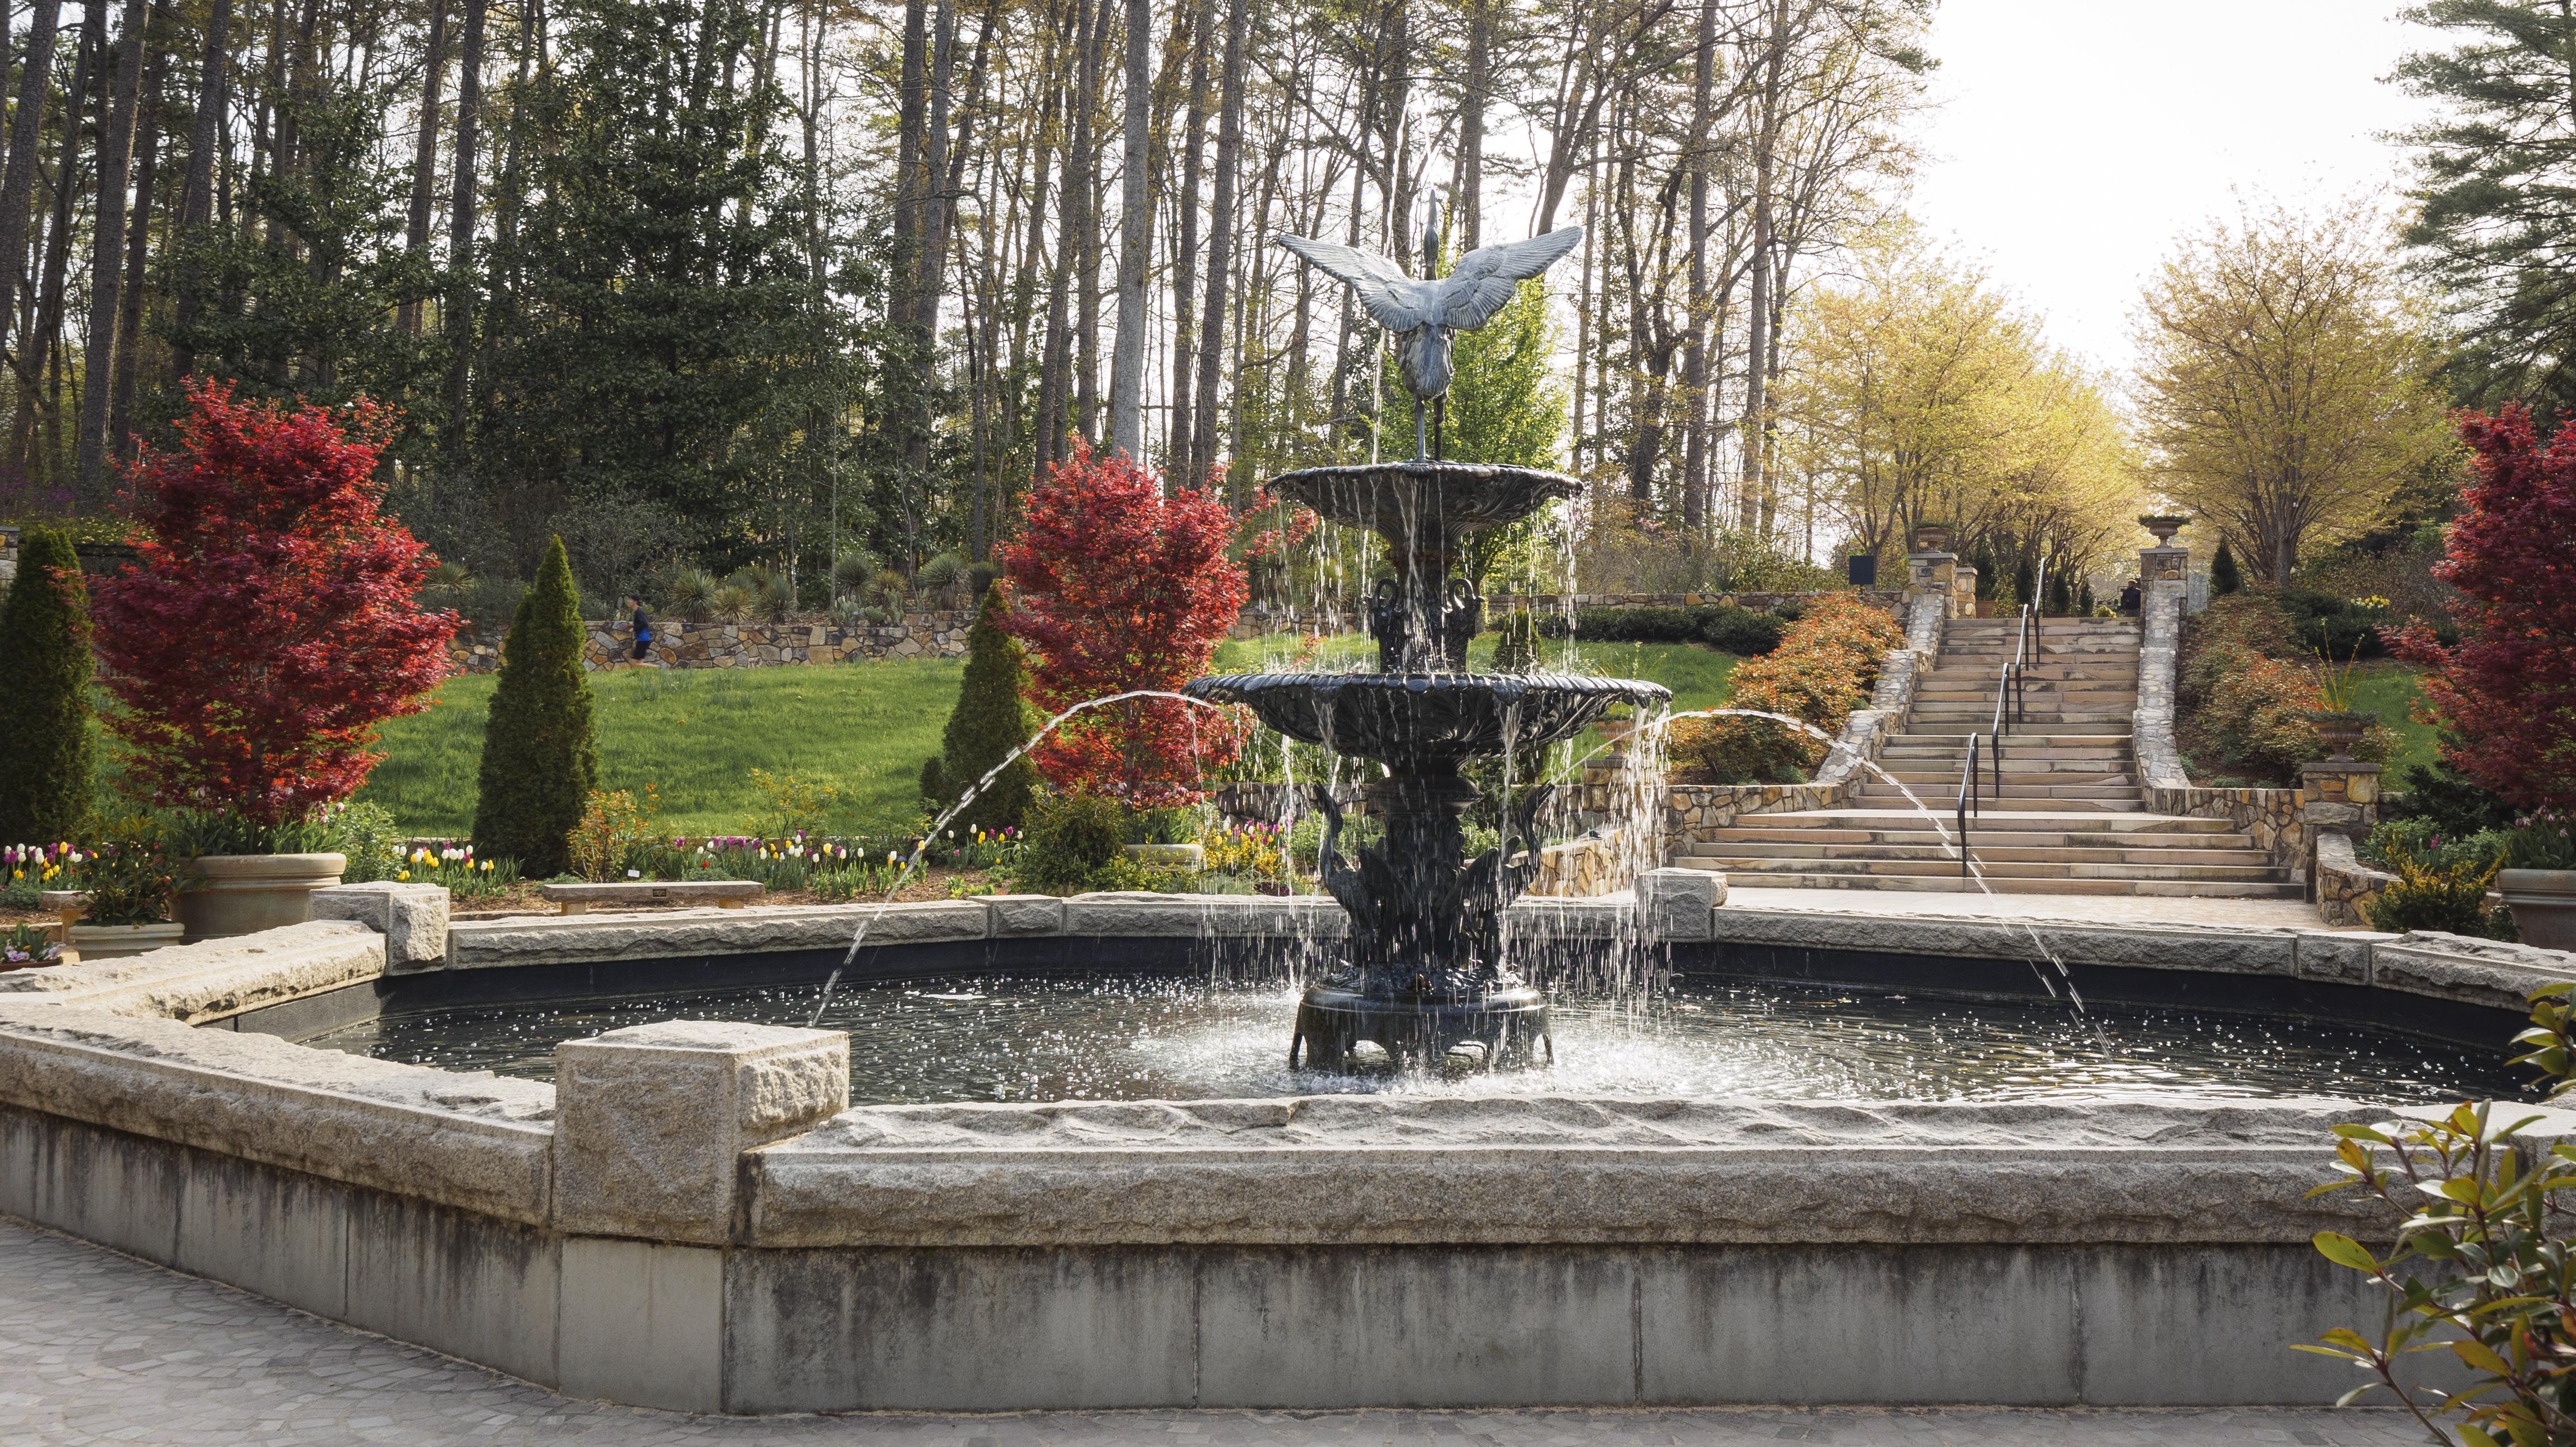 Fountain in Duke gardens